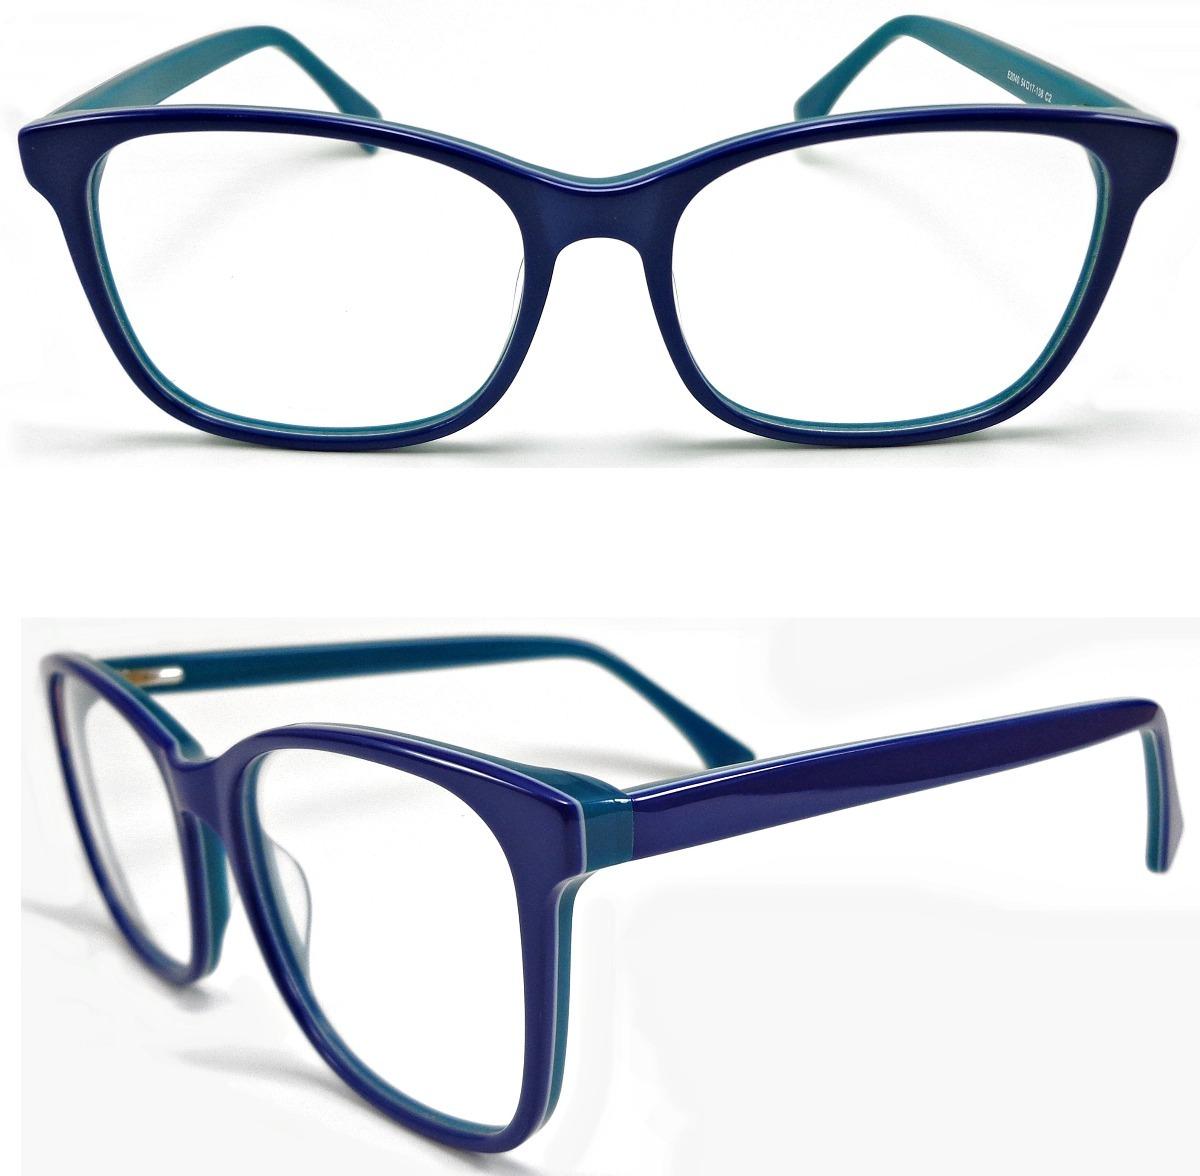 aa4fa8120 armação p/ óculos de grau acetato feminino m2 pronta entrega. Carregando  zoom.